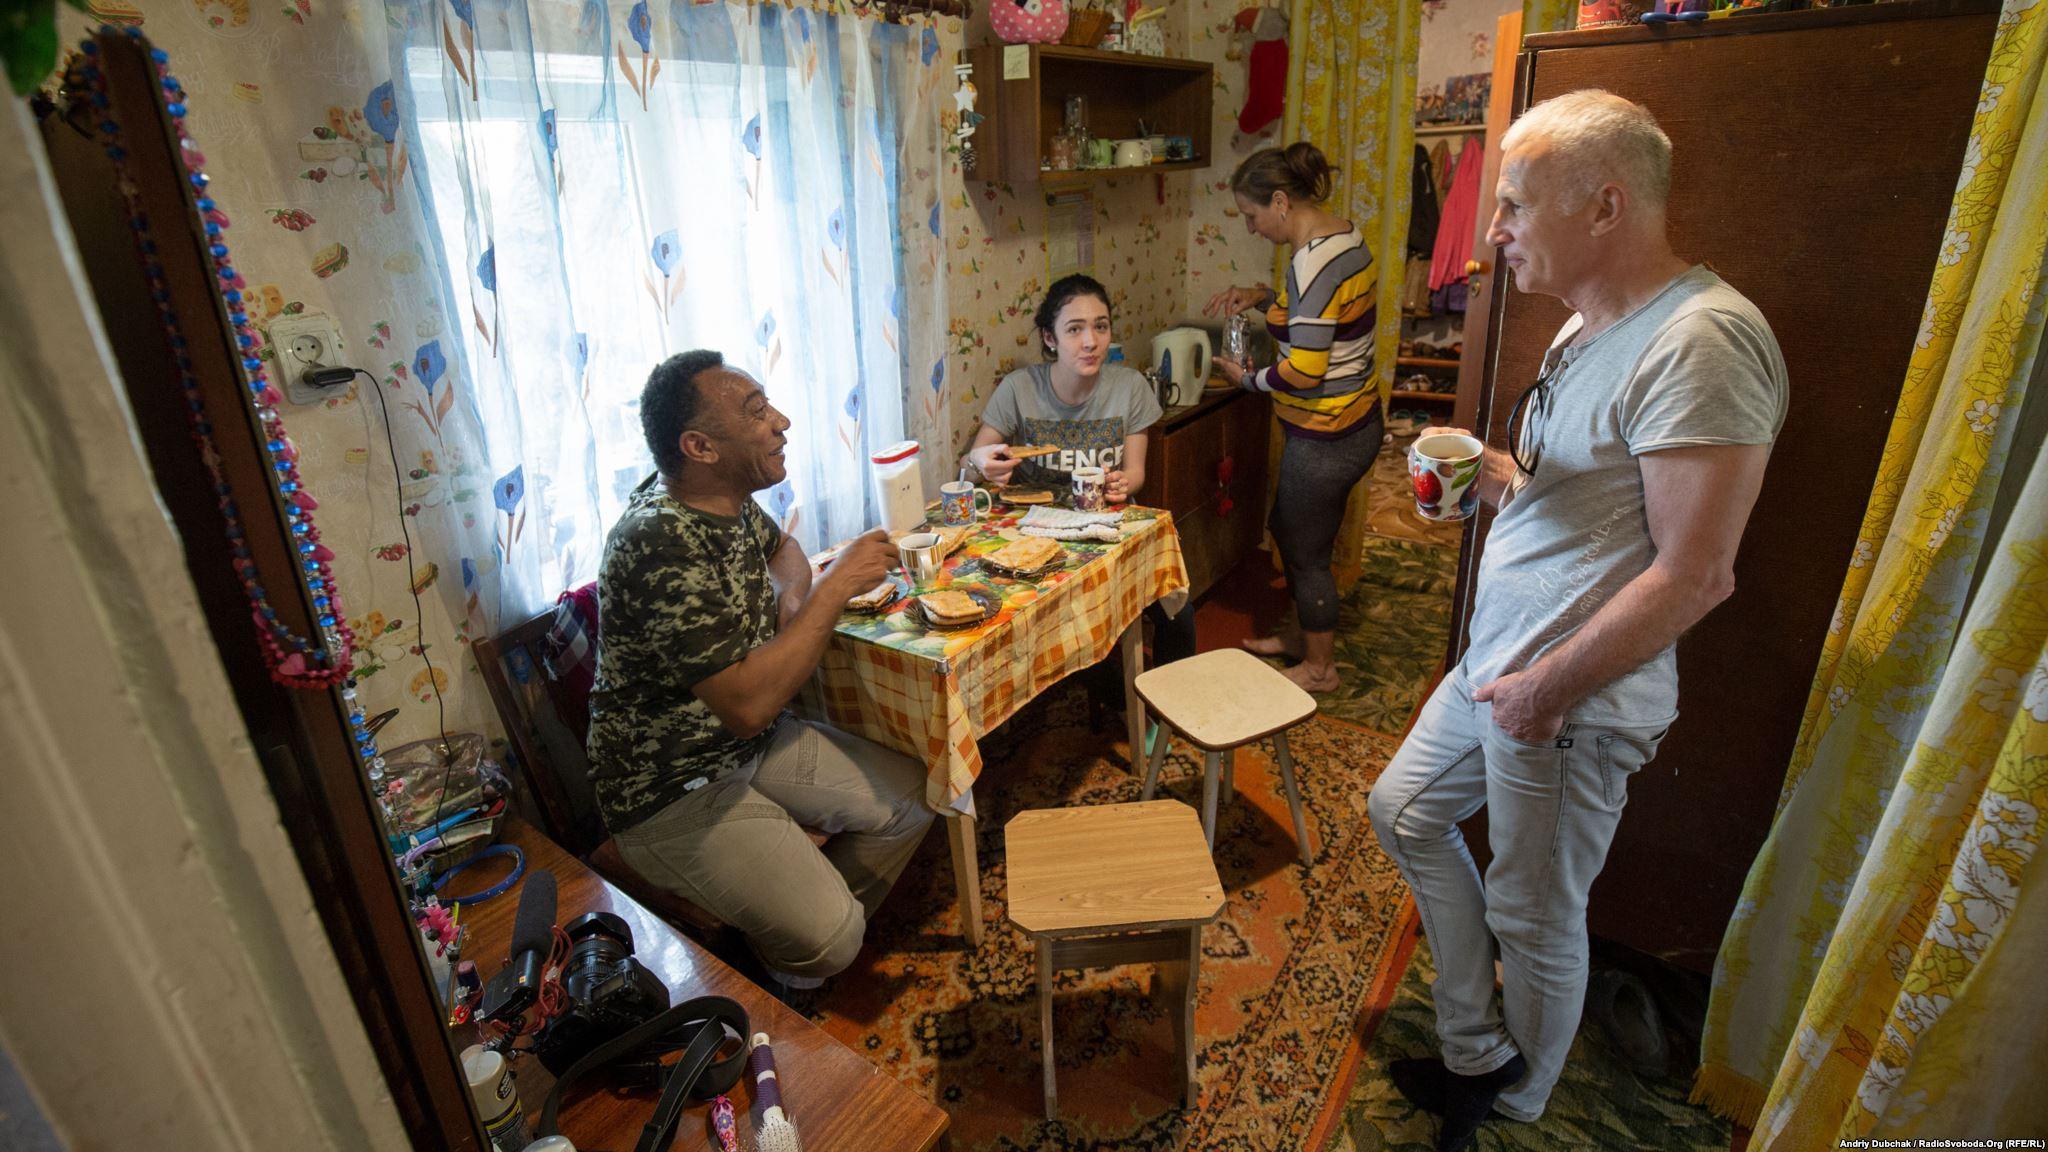 П'ємо чай із смачними пирогами пані Ольги. Тоні, Сабіна Пухка, пані Ольга, Андре-Мирослав